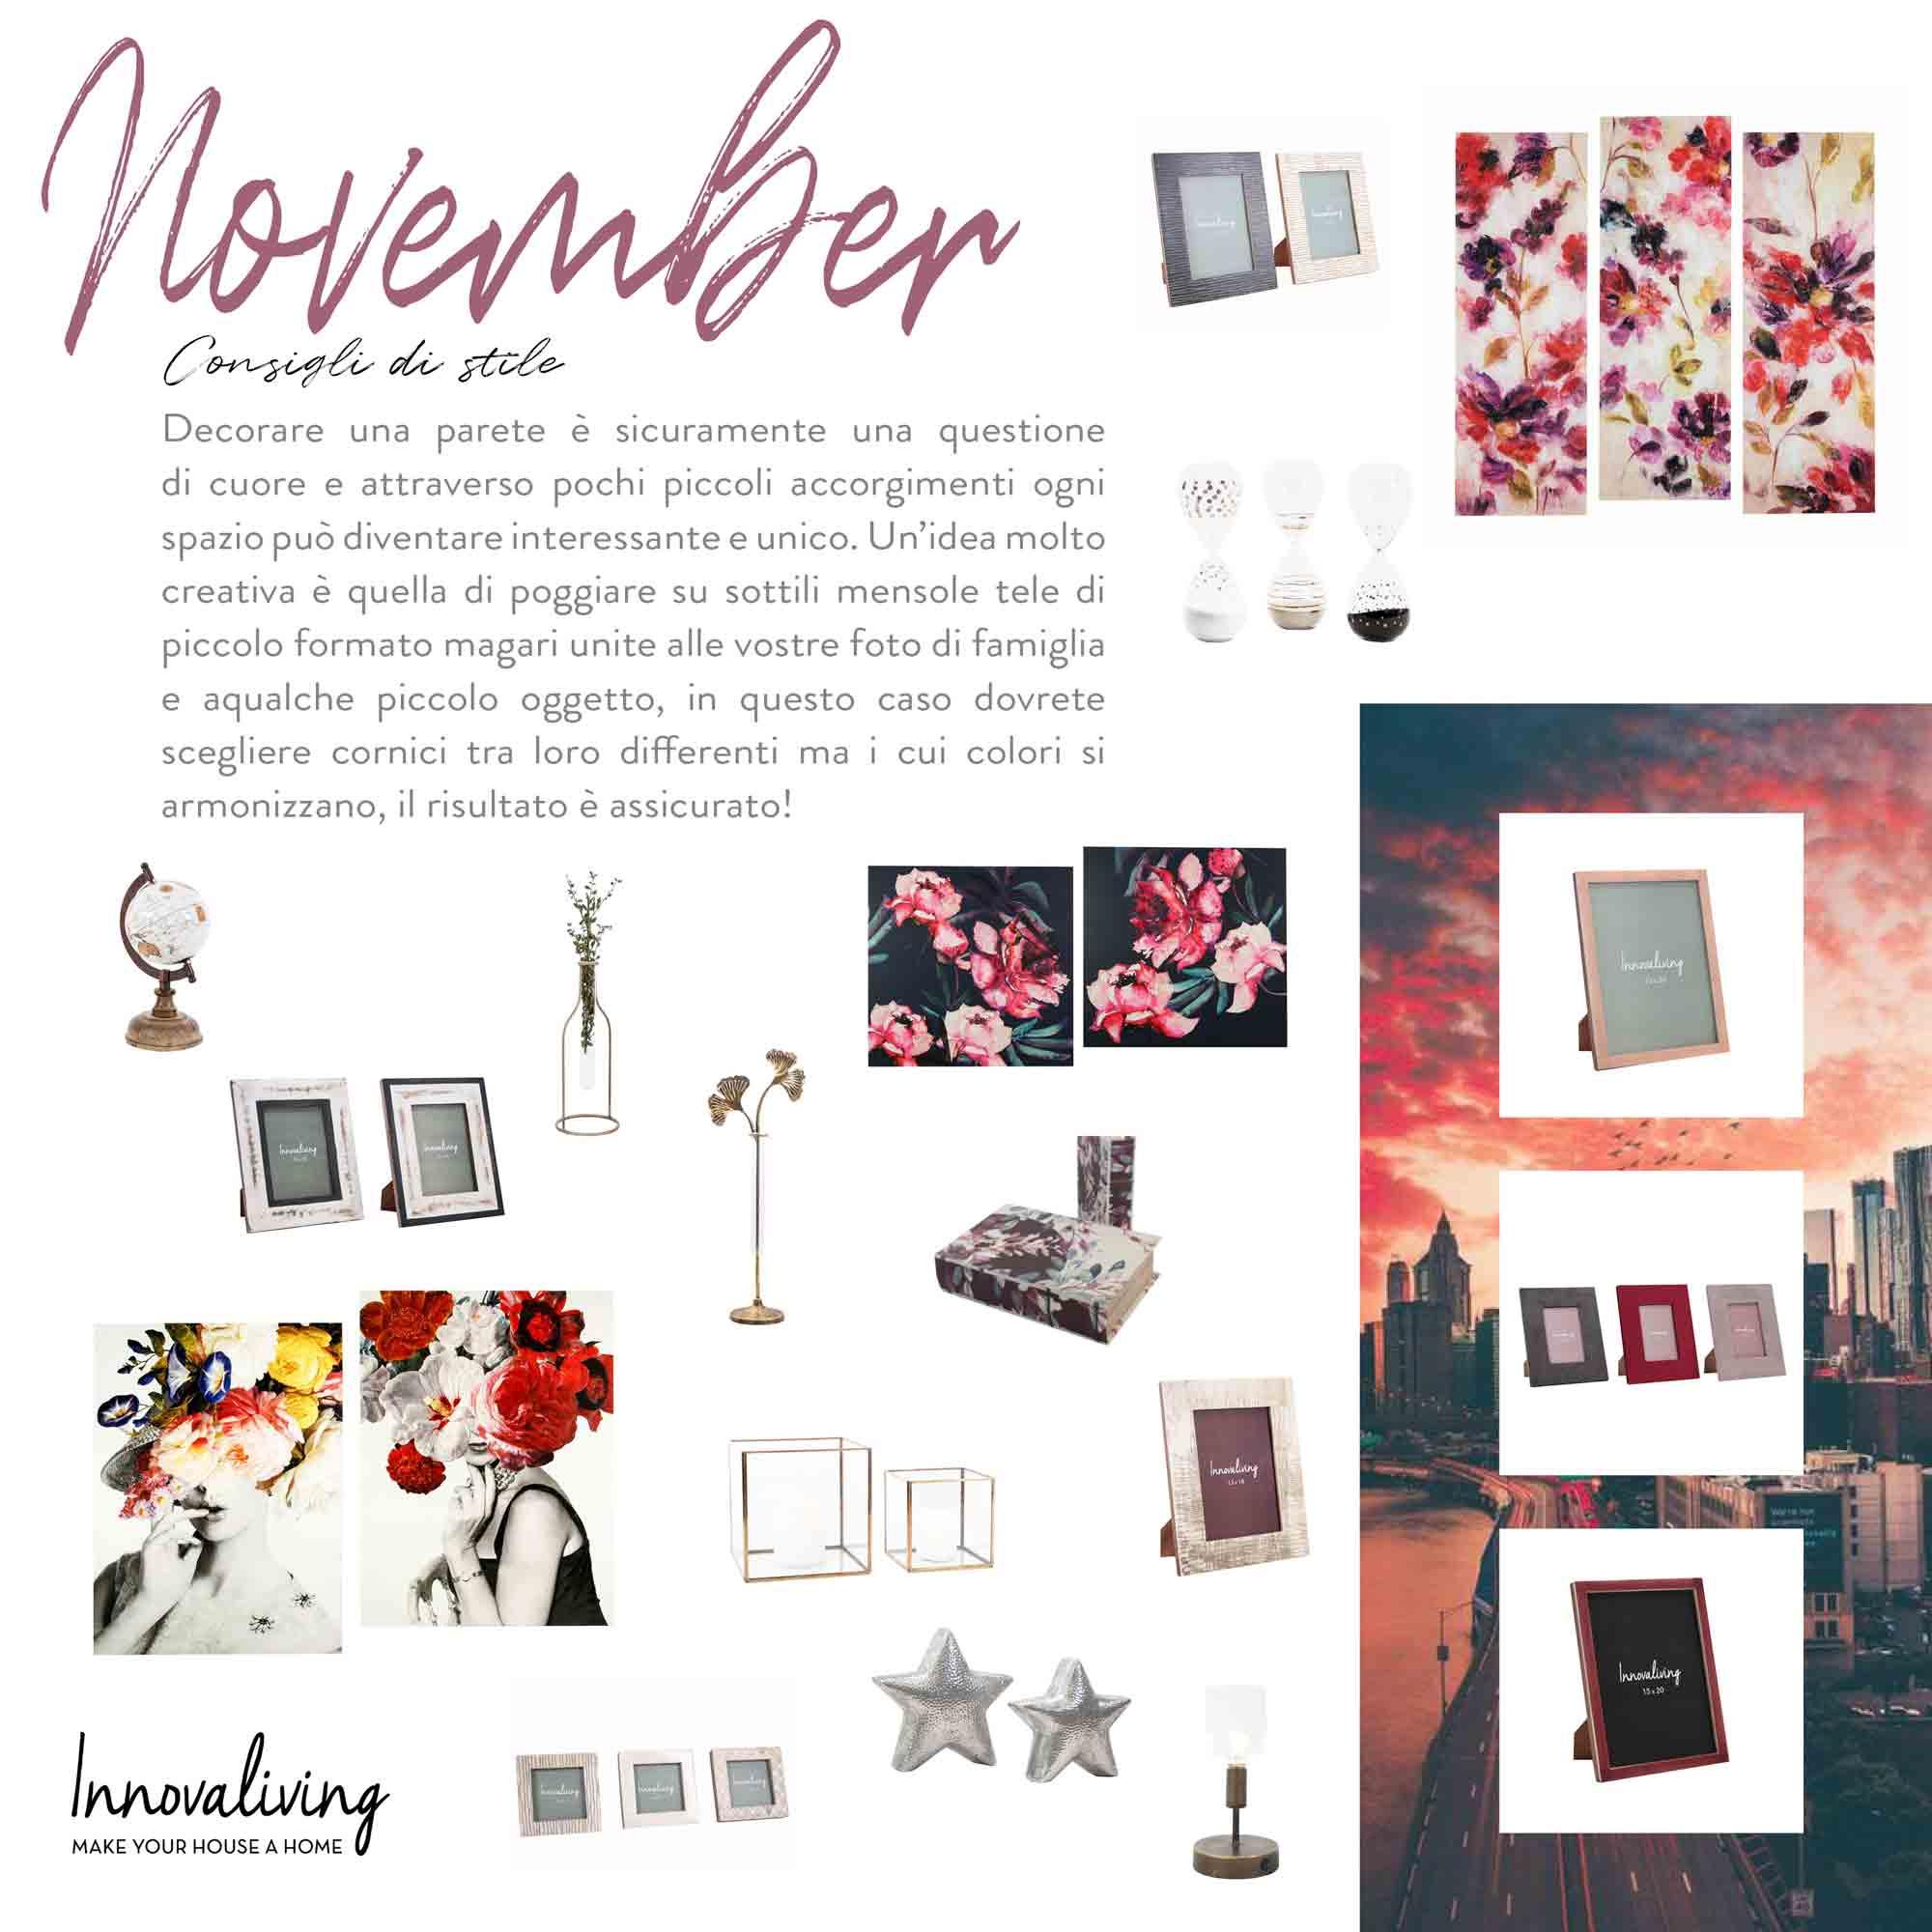 Novembre - Consigli di Stile